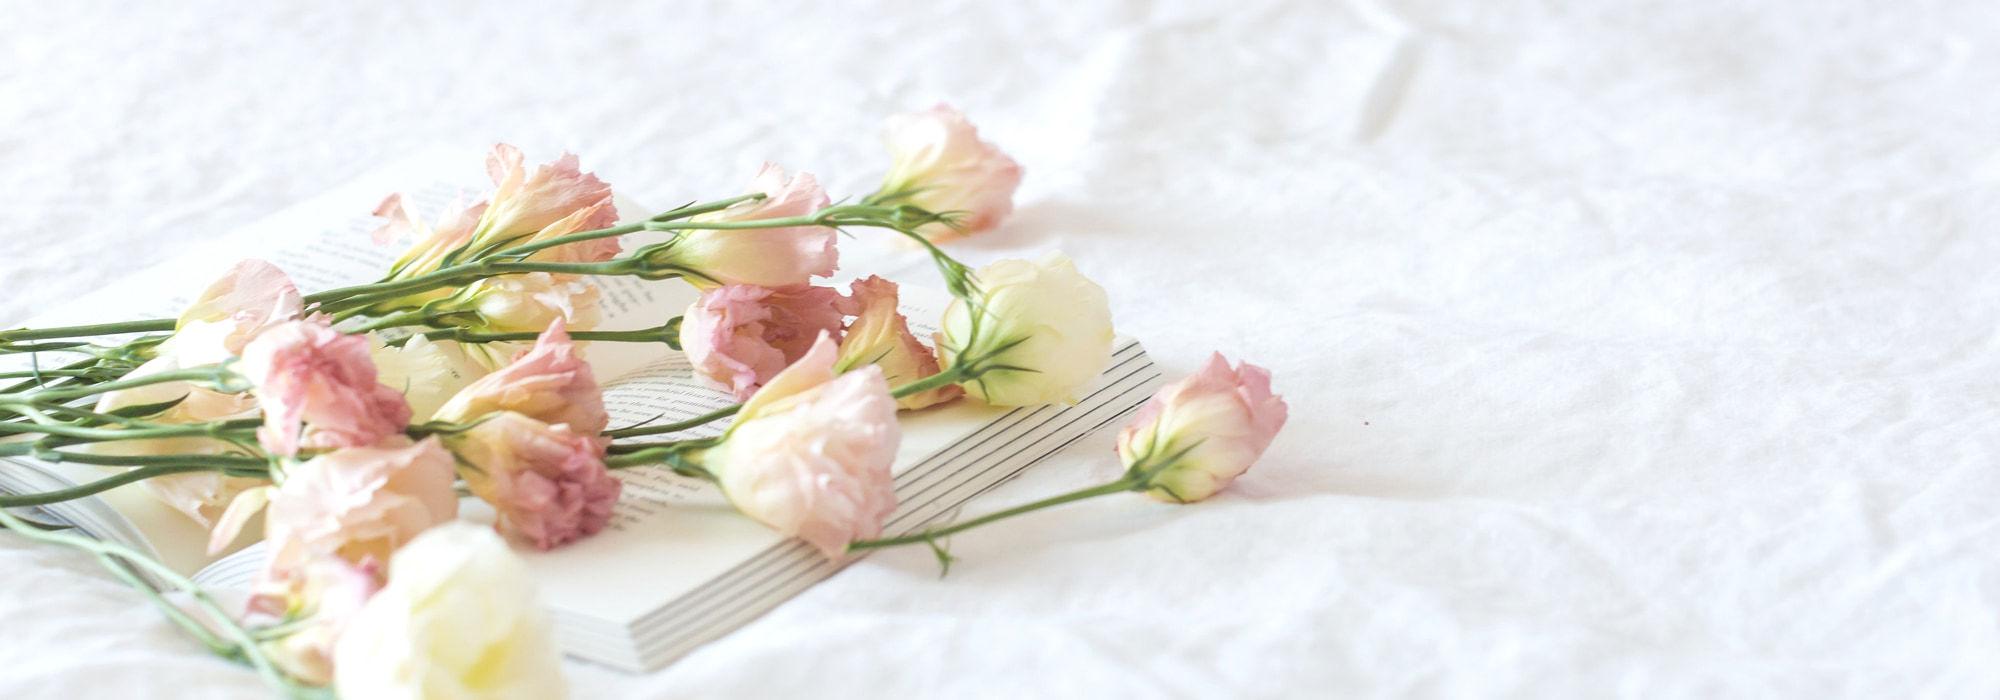 情侶約會慶祝|3月14日白色情人節 【2021求生攻略】|Kama Delivery到會外賣速遞專家